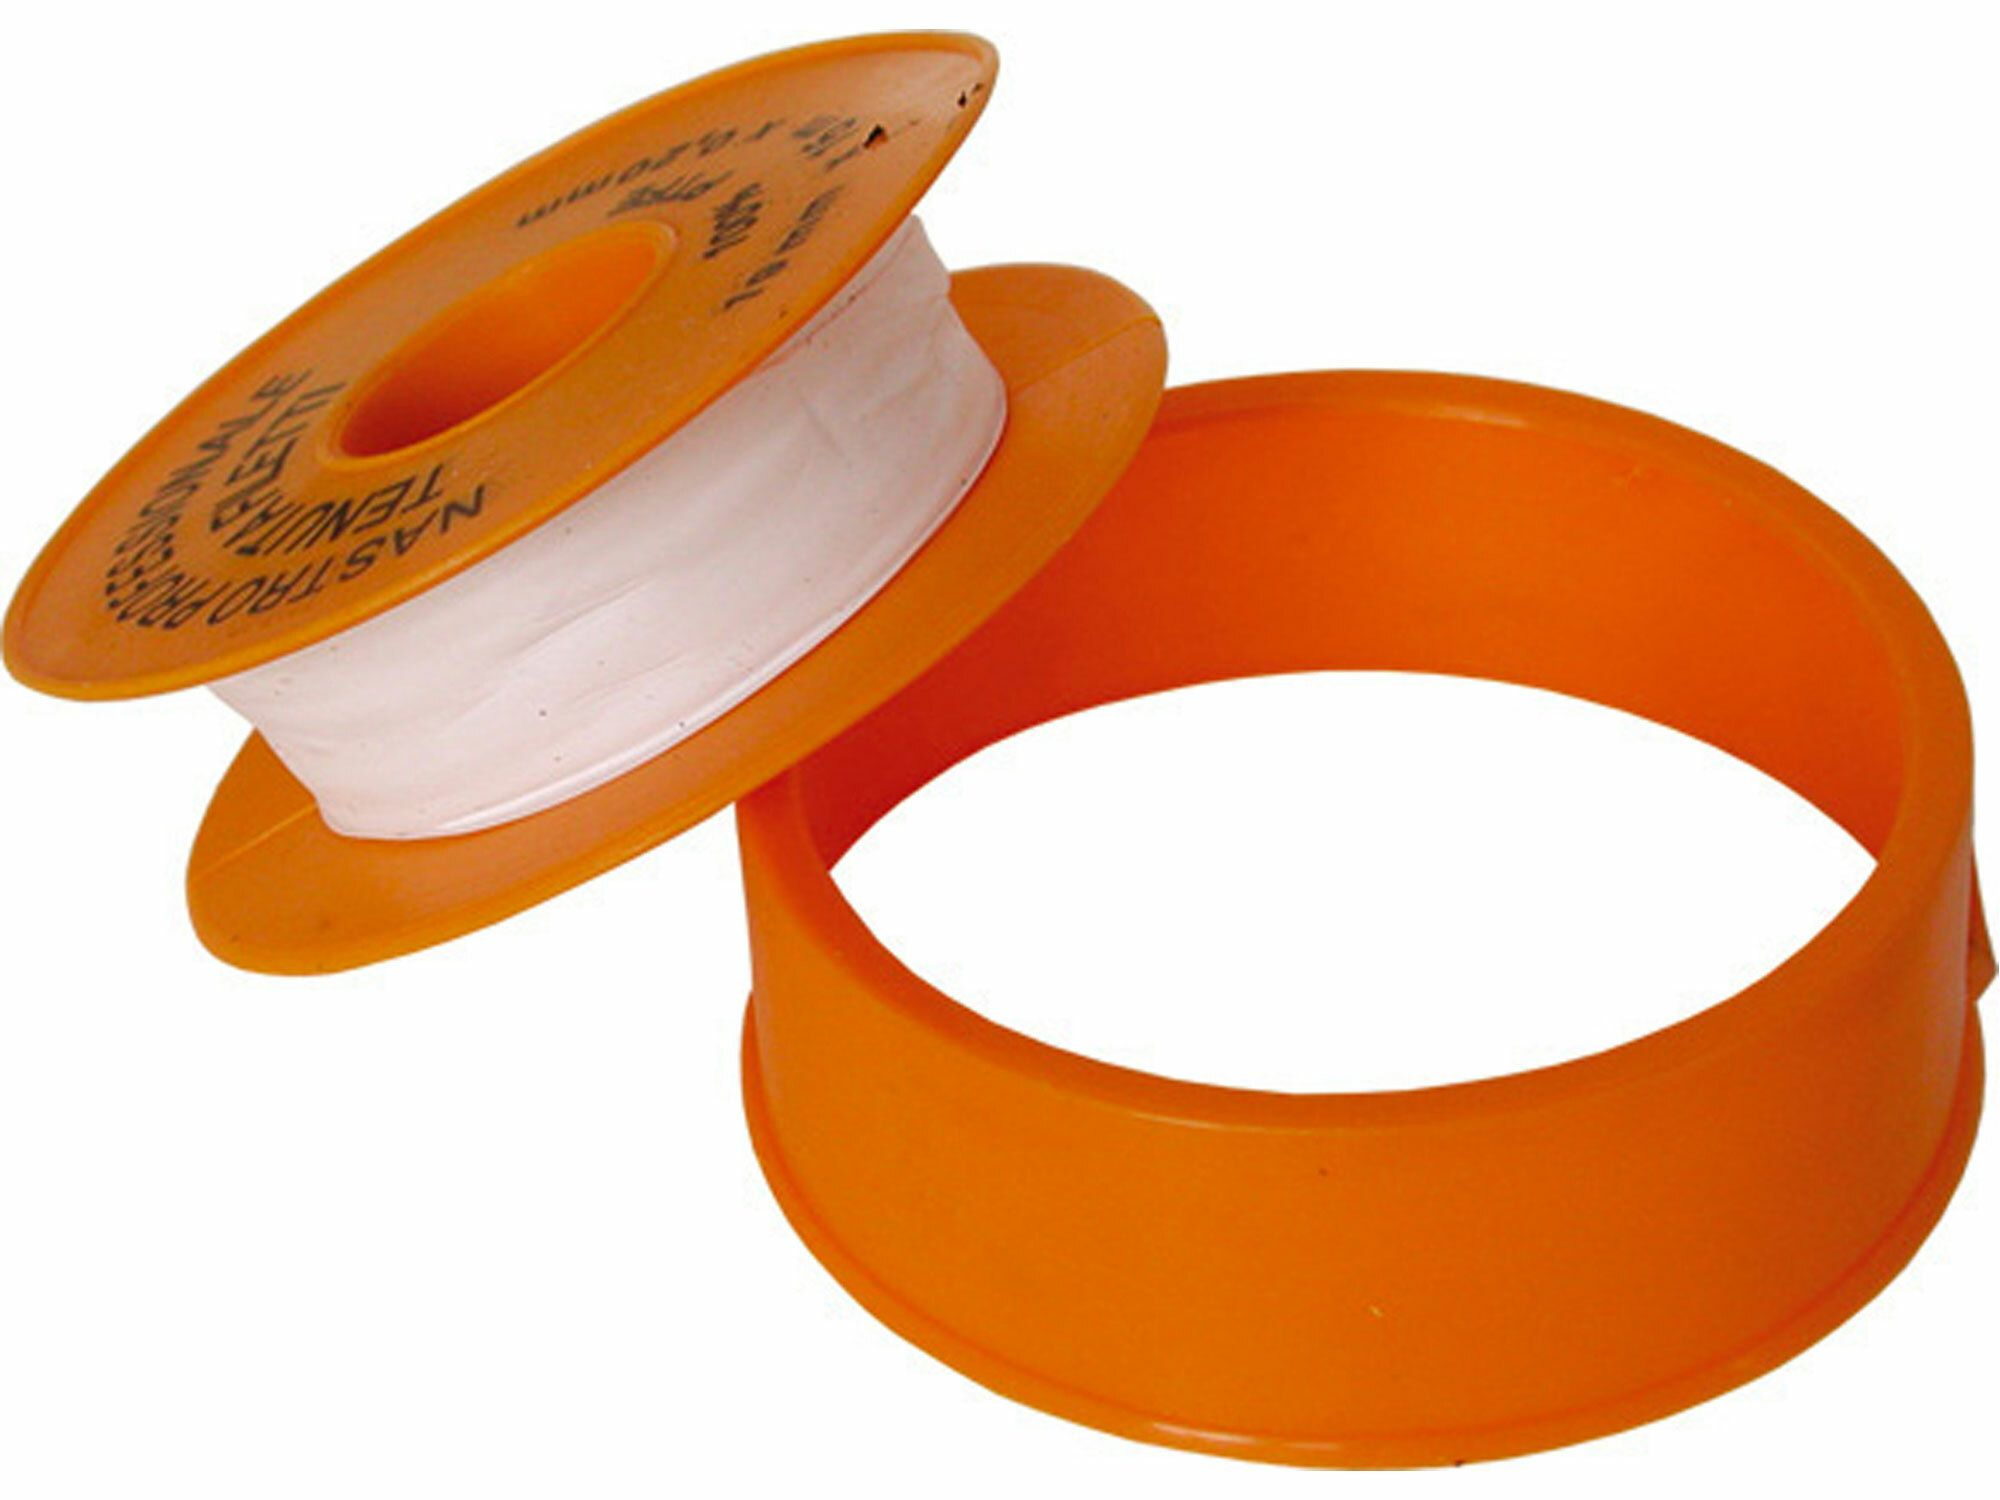 Páska izolační teflonová, 19mm x 15m, tloušťka 0,2mm, EXTOL CRAFT